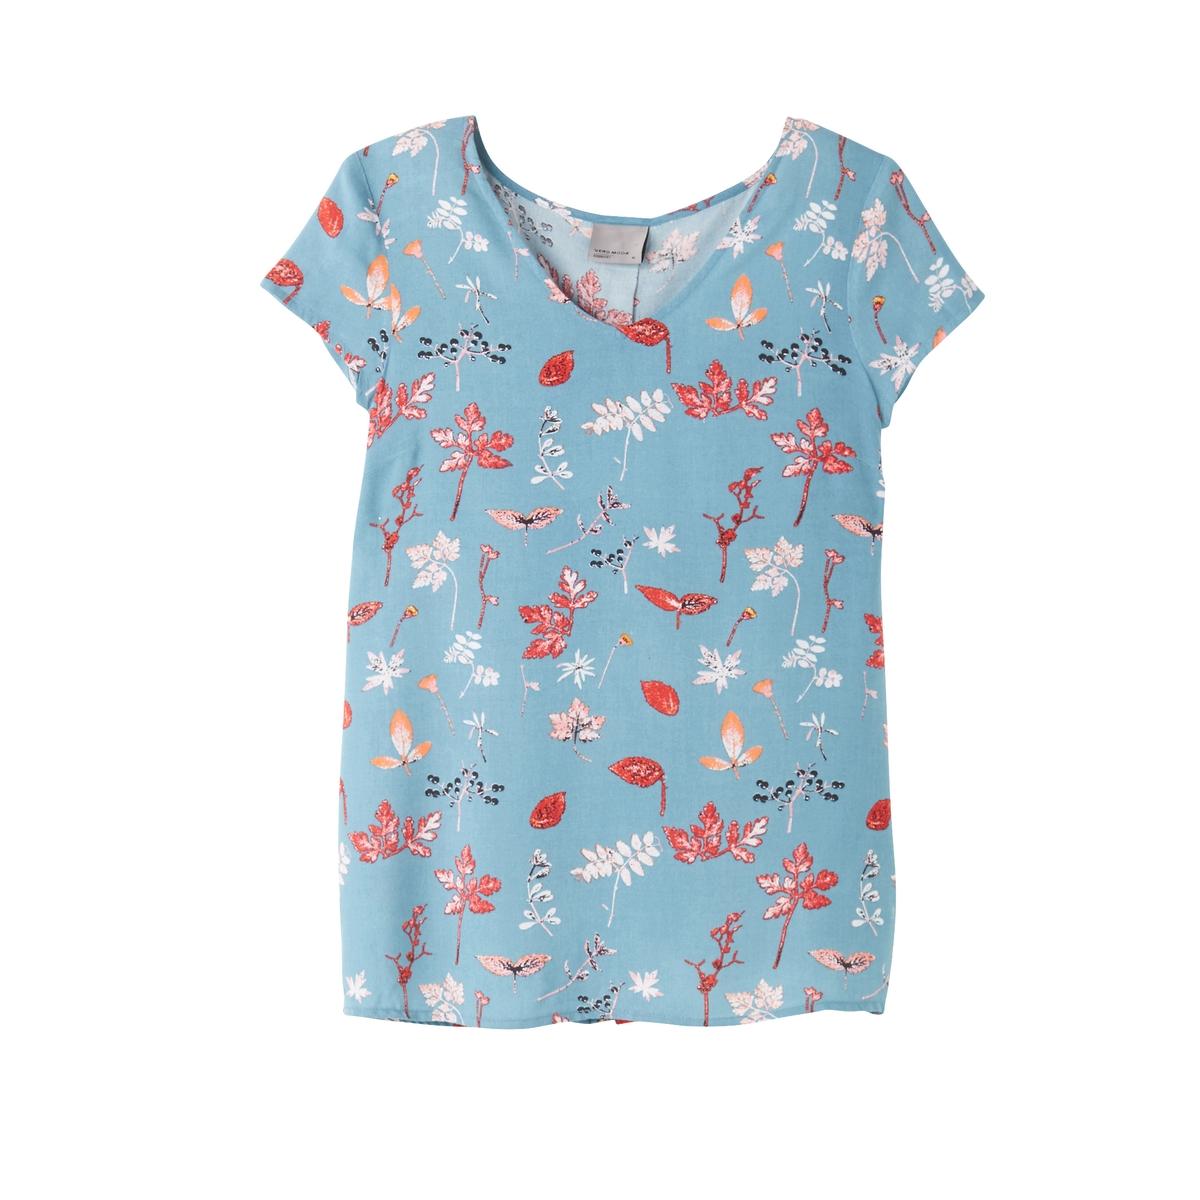 Блузка с V-образным вырезом, рисунком и короткими рукавами